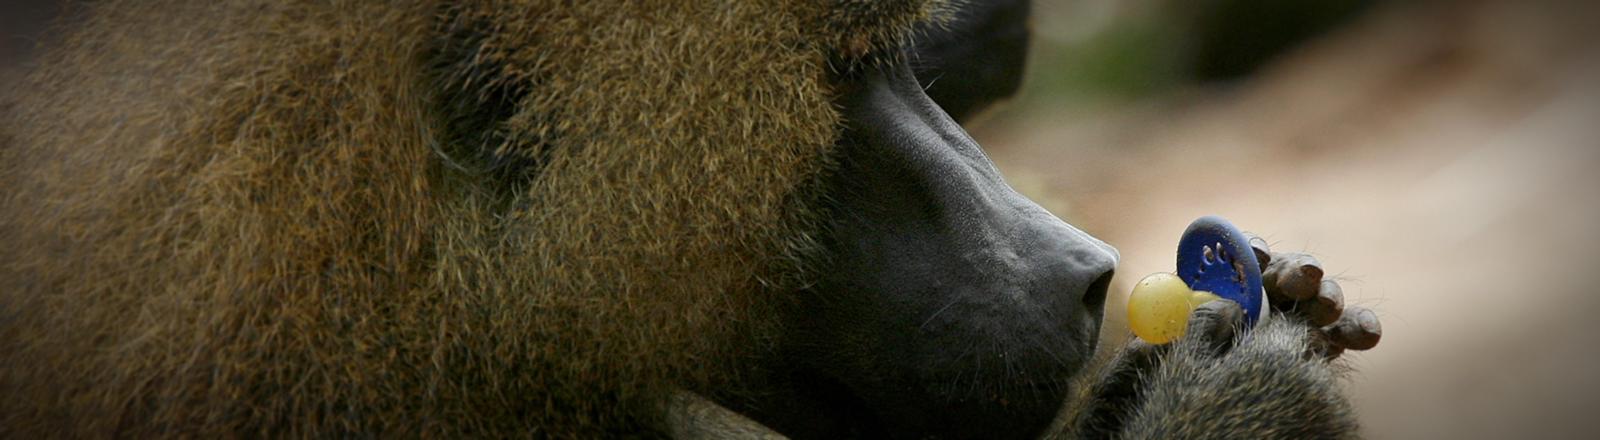 Ein Pavian betrachtet einen Schnuller.